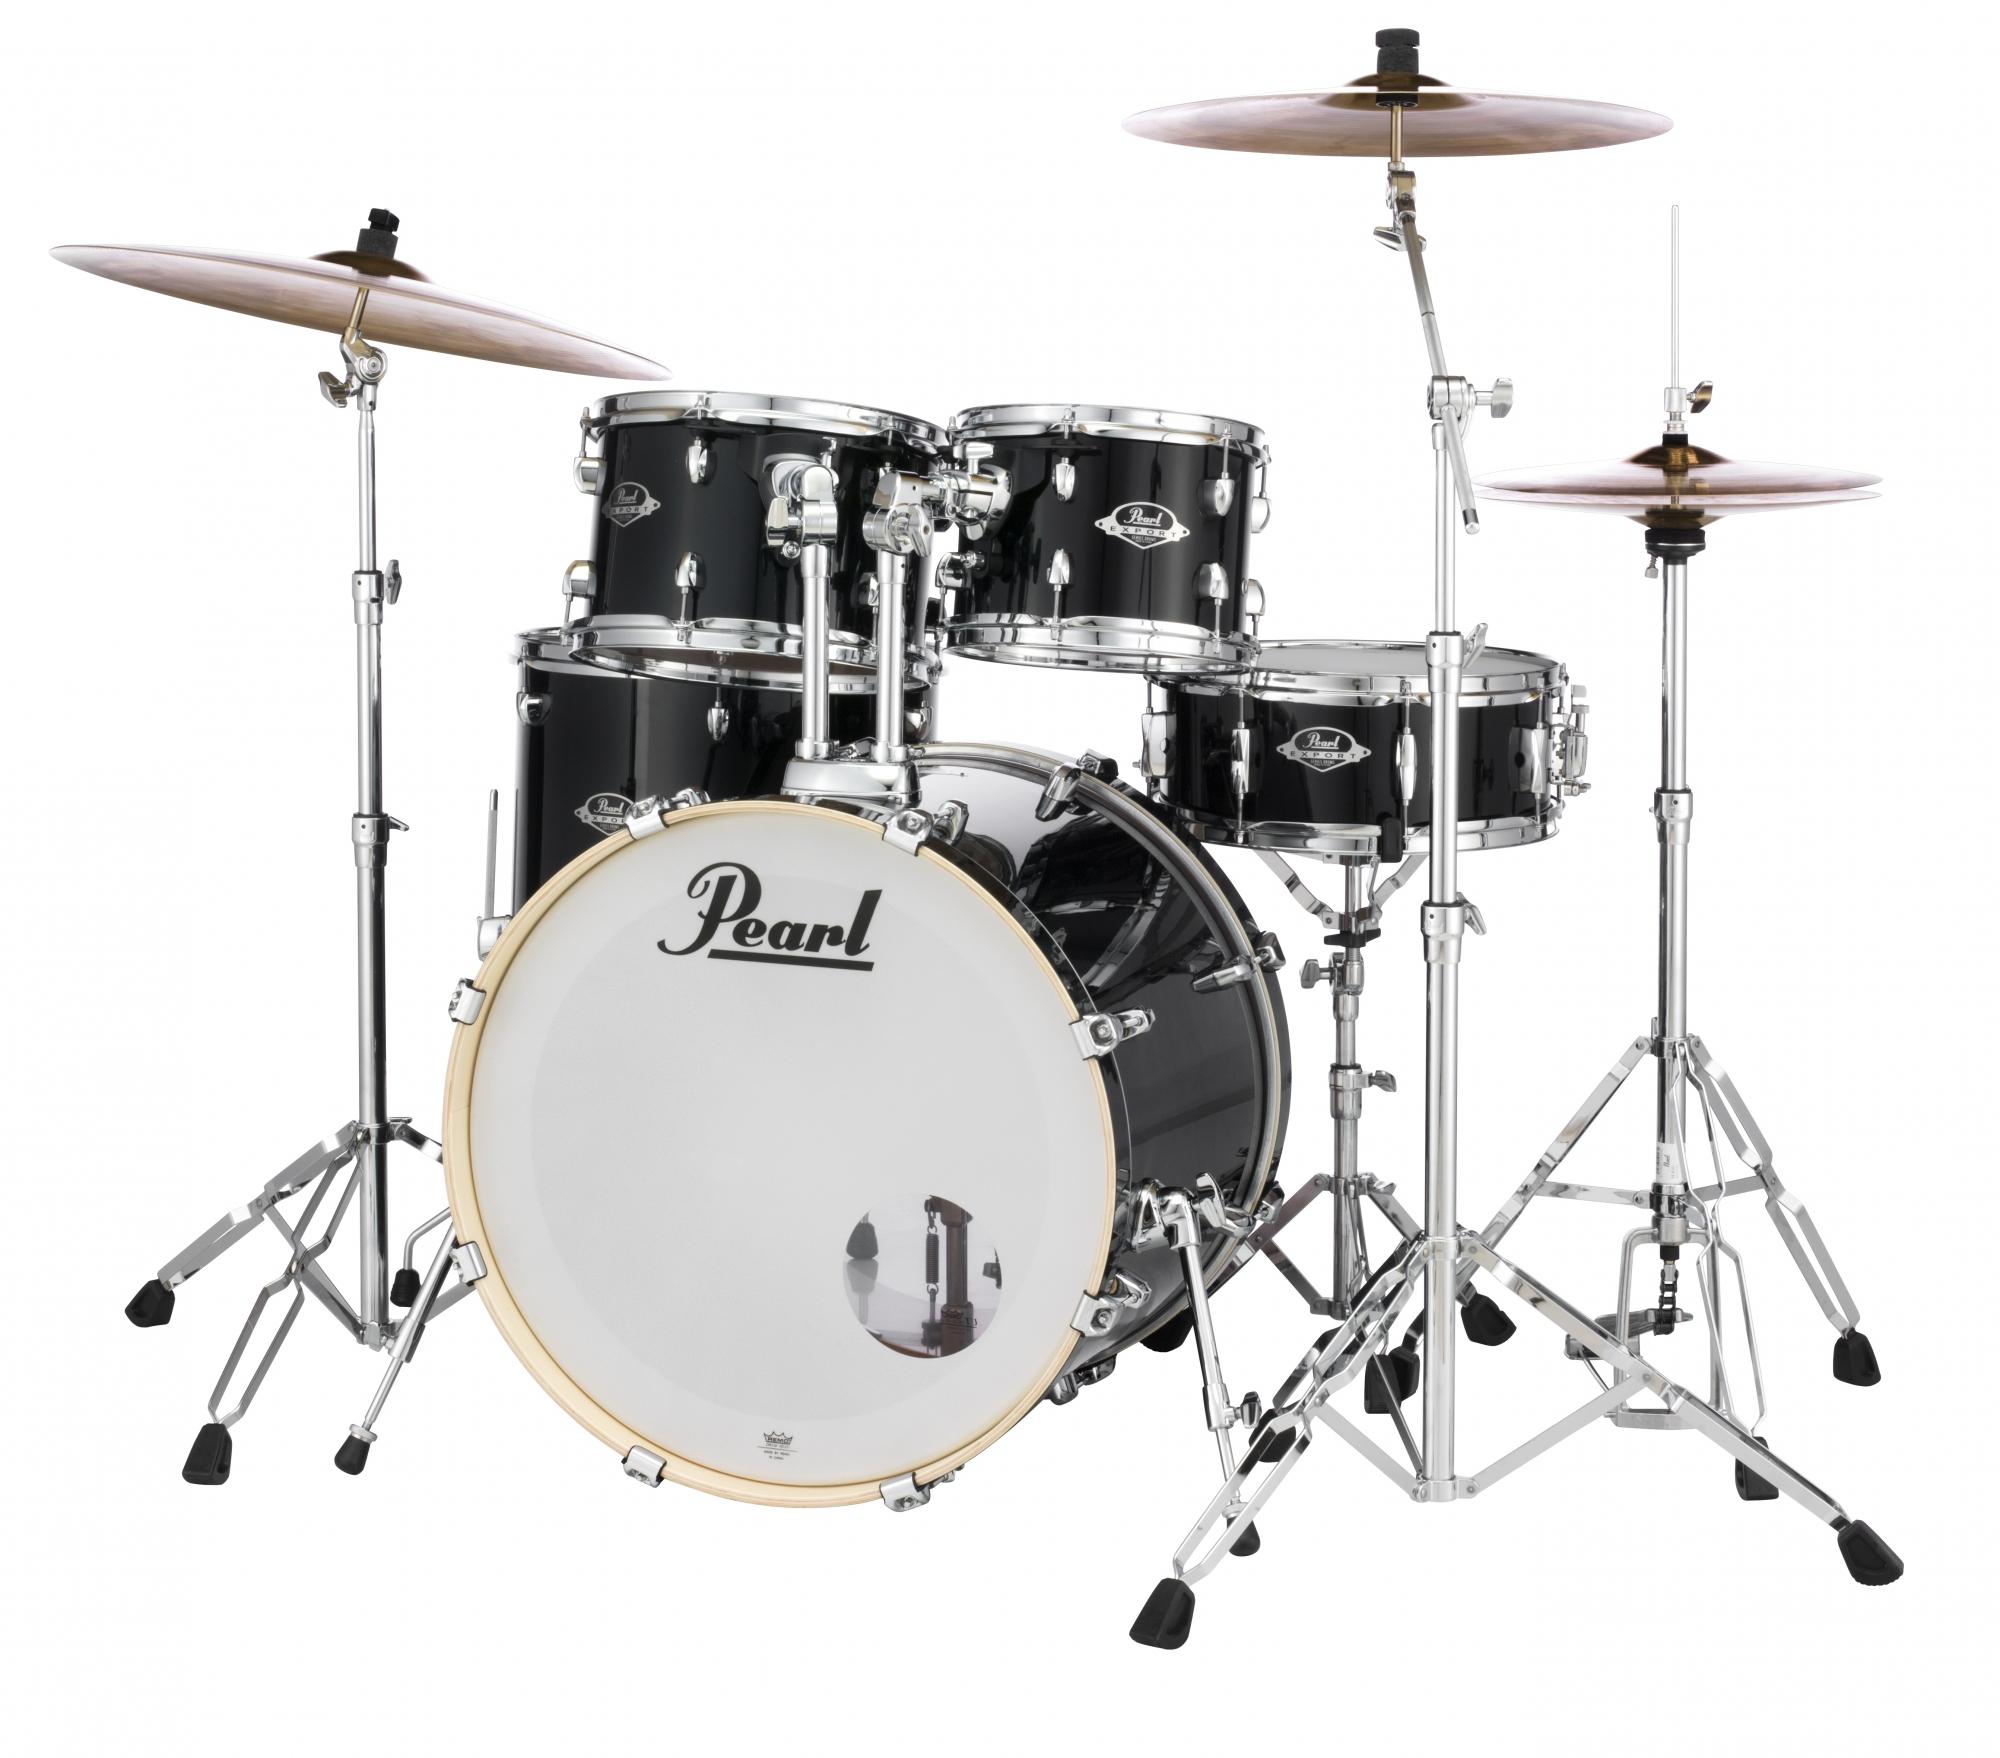 Billede af Pearl Export EXX Fusion Trommesæt Jet Black